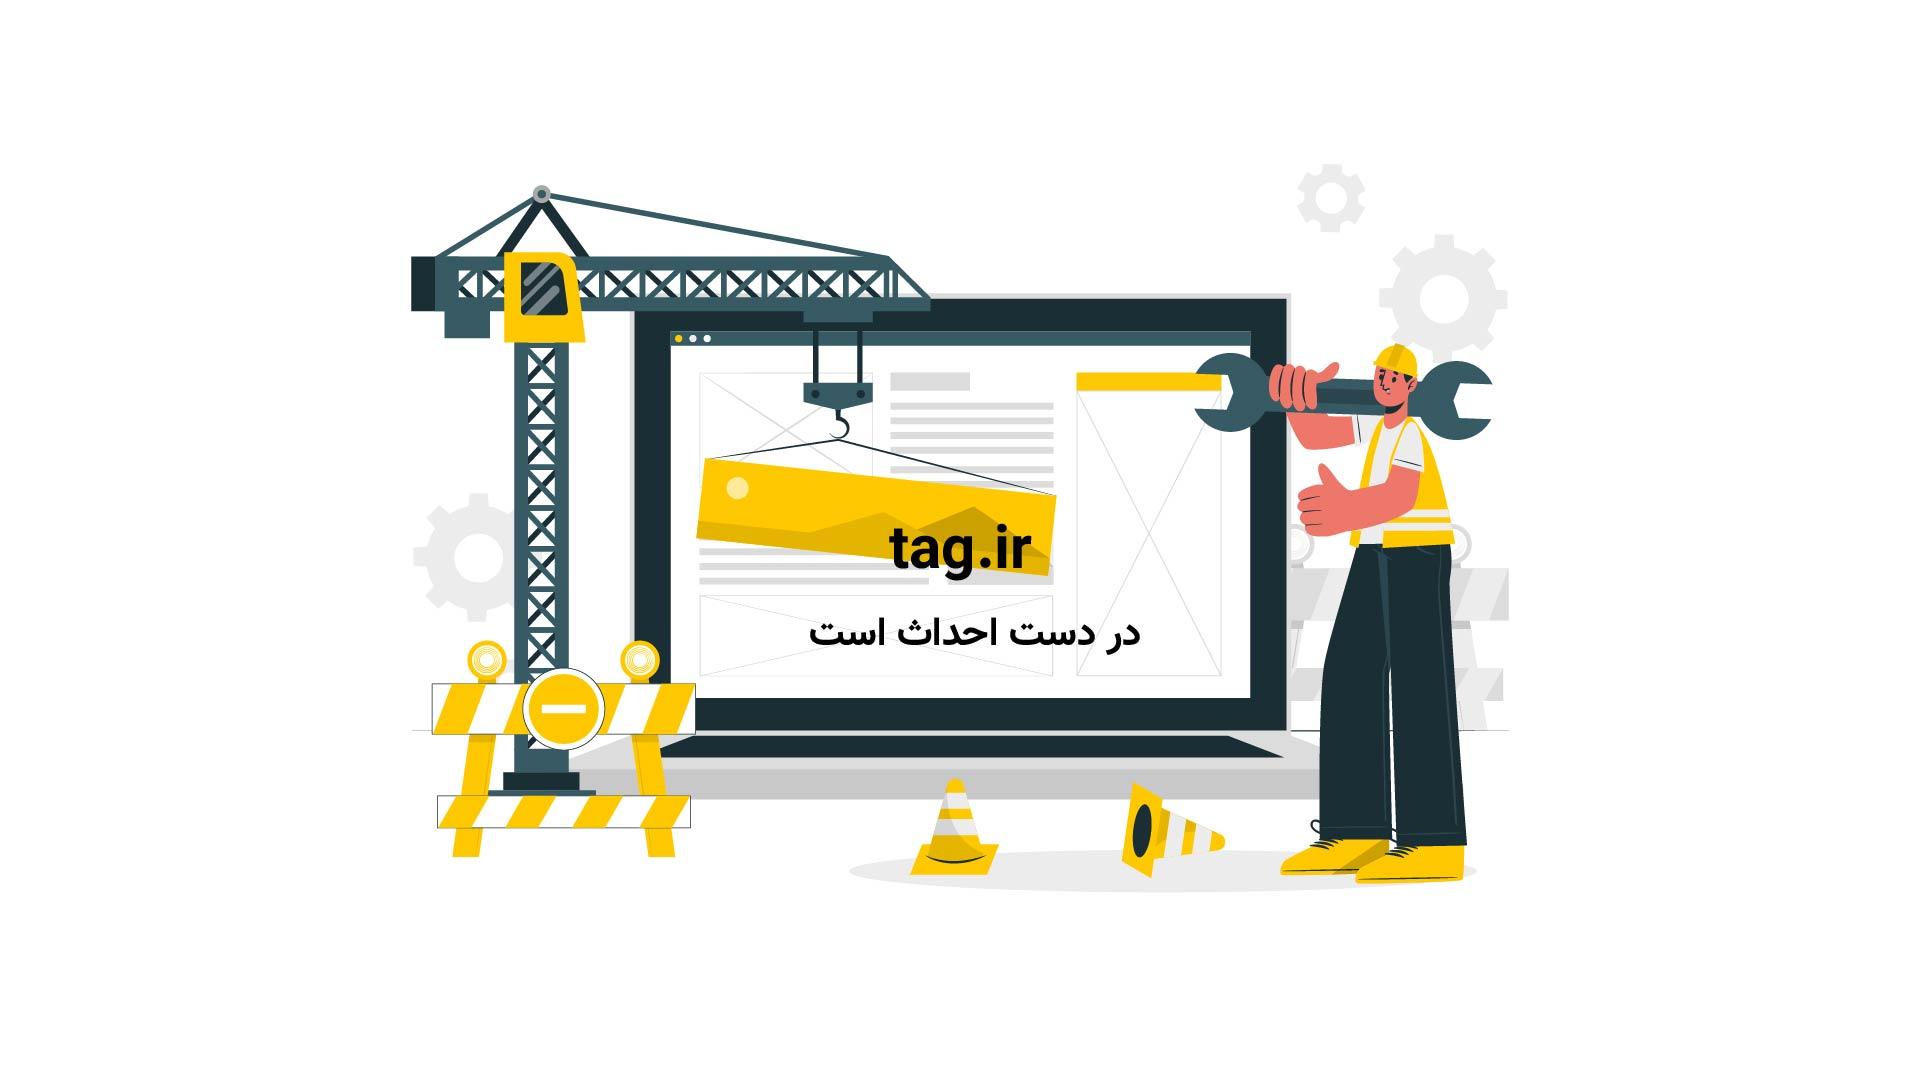 فیلم نوحه خوانی و مداحی دکتر محمد اصفهانی